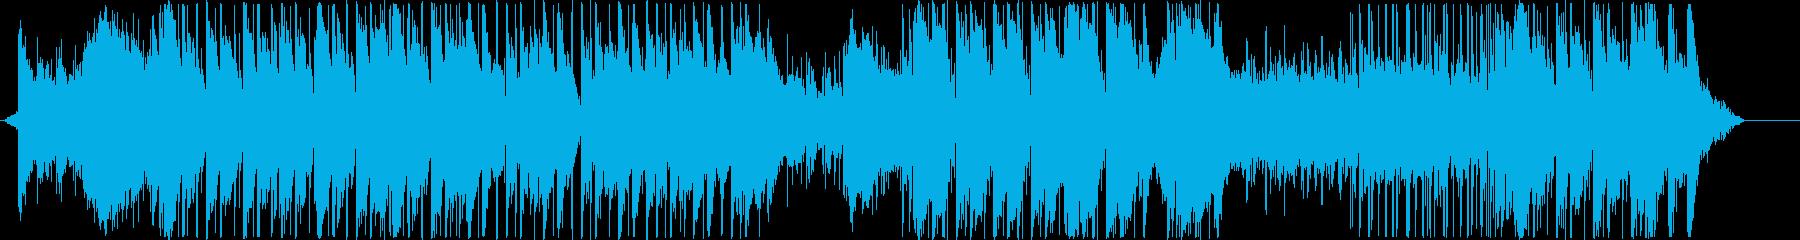 ダークなトラップ風BGMの再生済みの波形